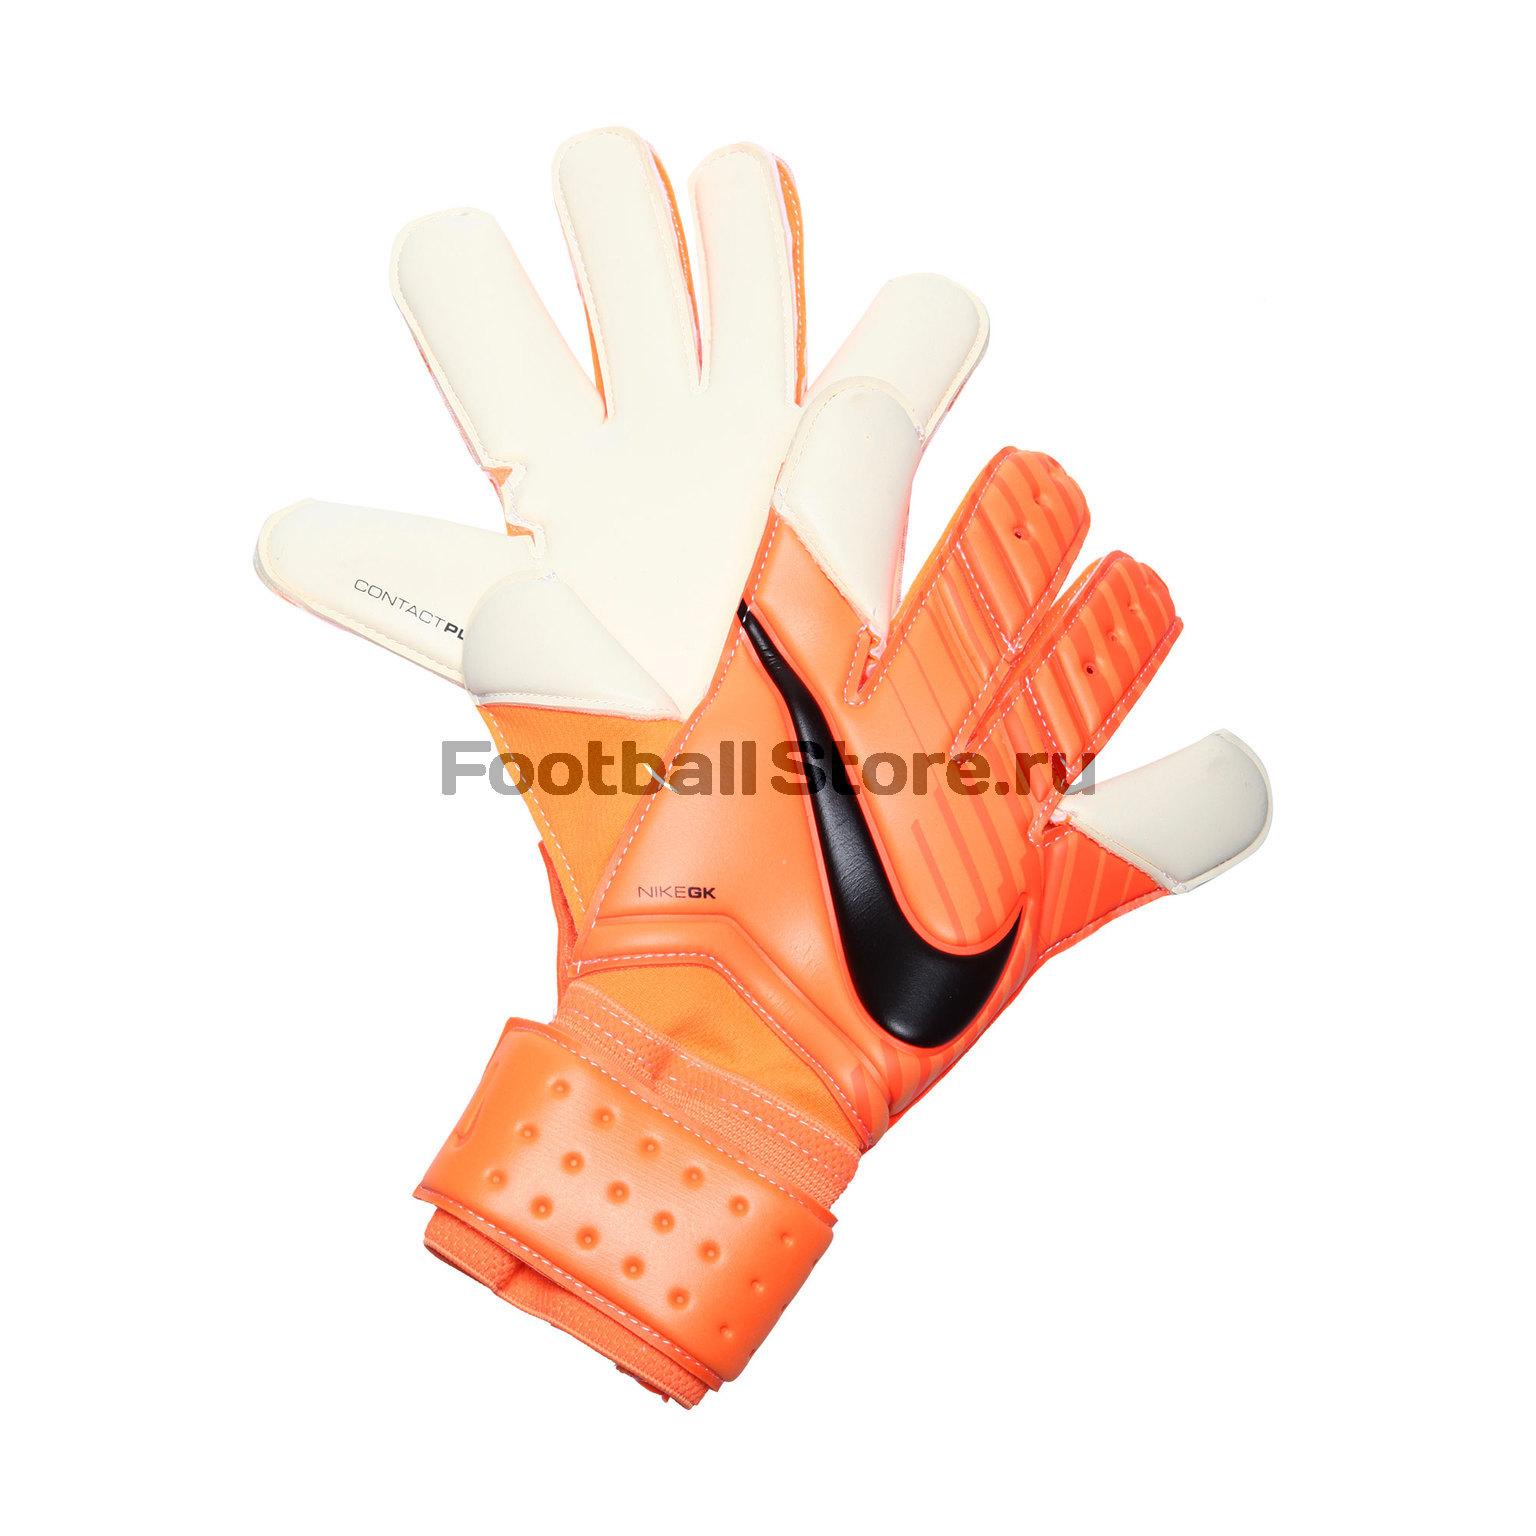 Перчатки вратарские Nike GK Vapor GS0347-803 клюшка для гольфа nike vapor pro 2015